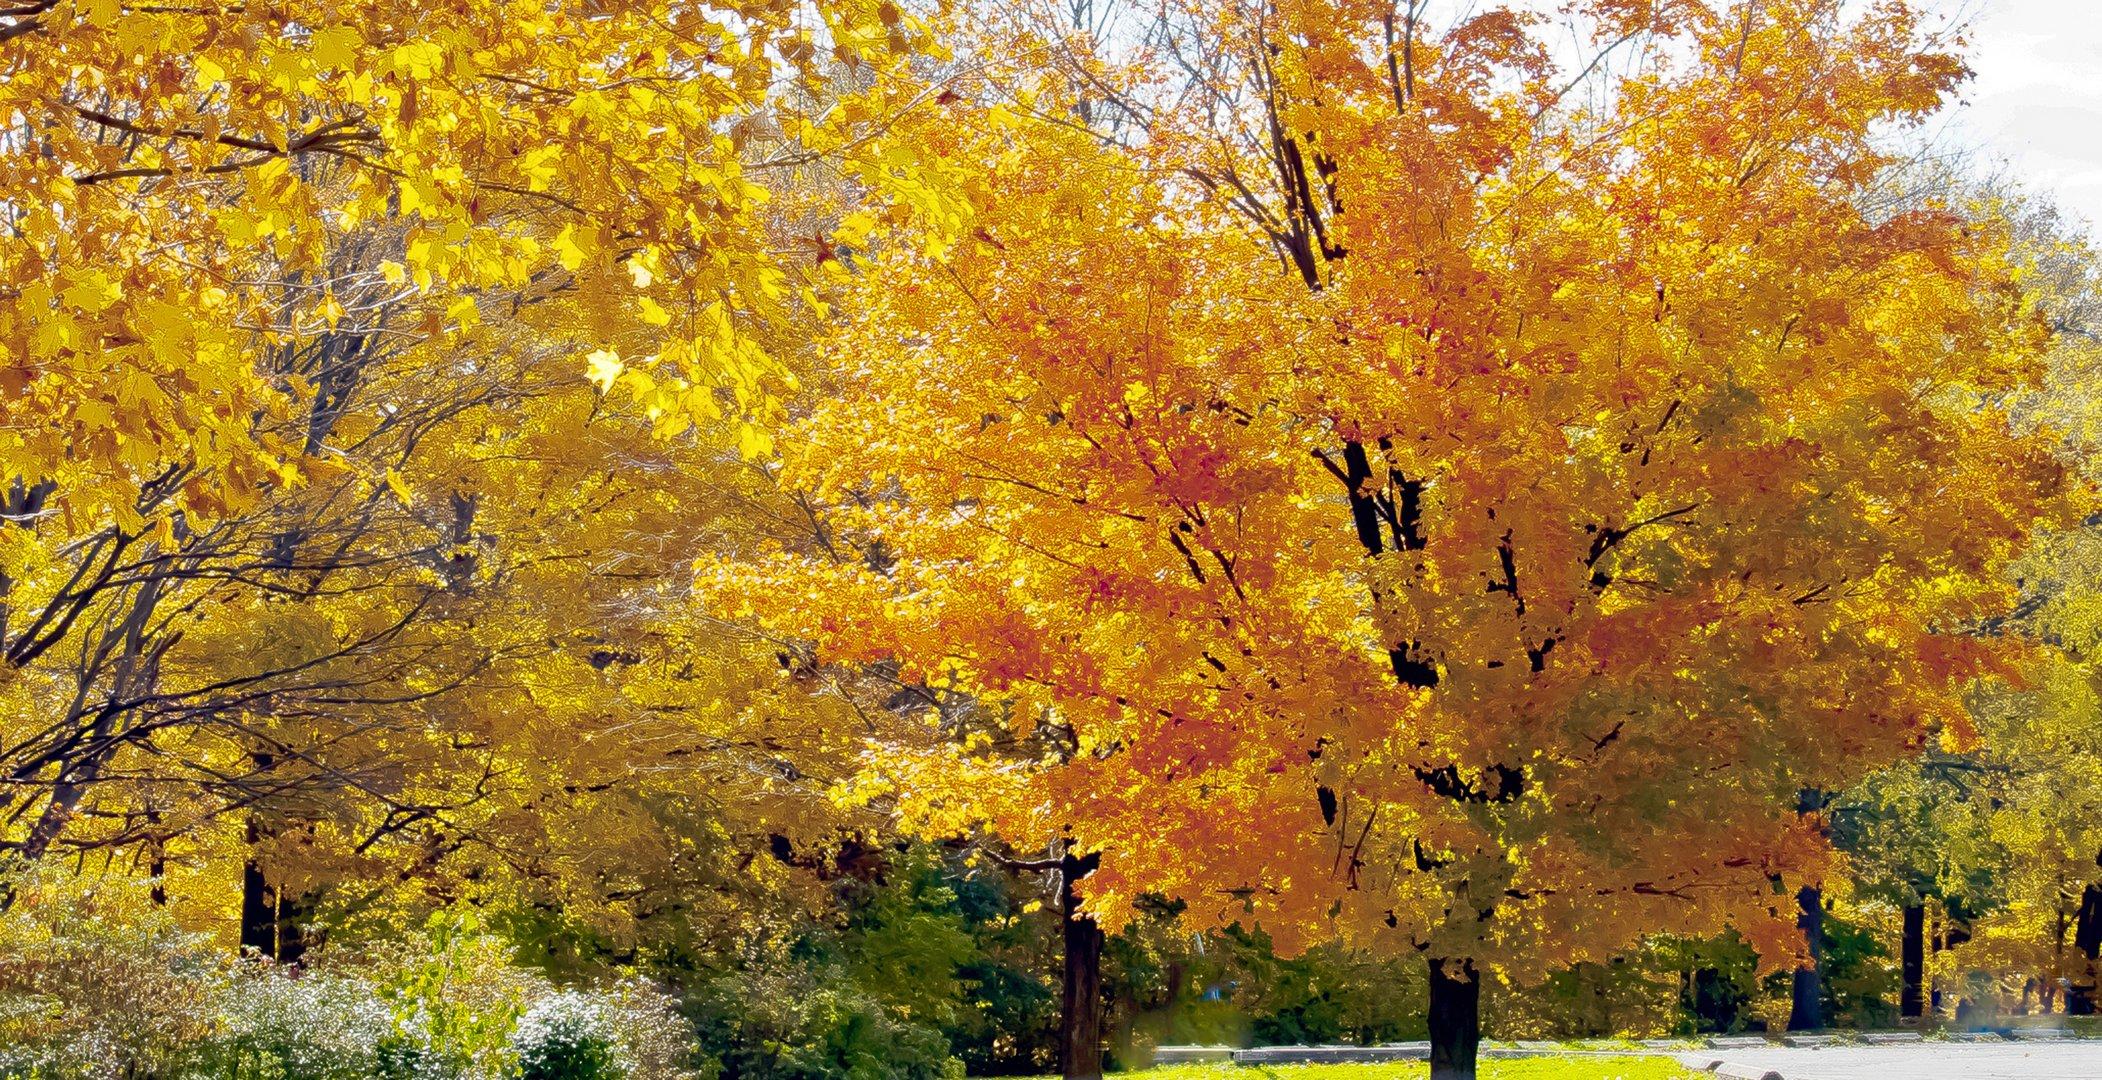 autumnal ontario 1